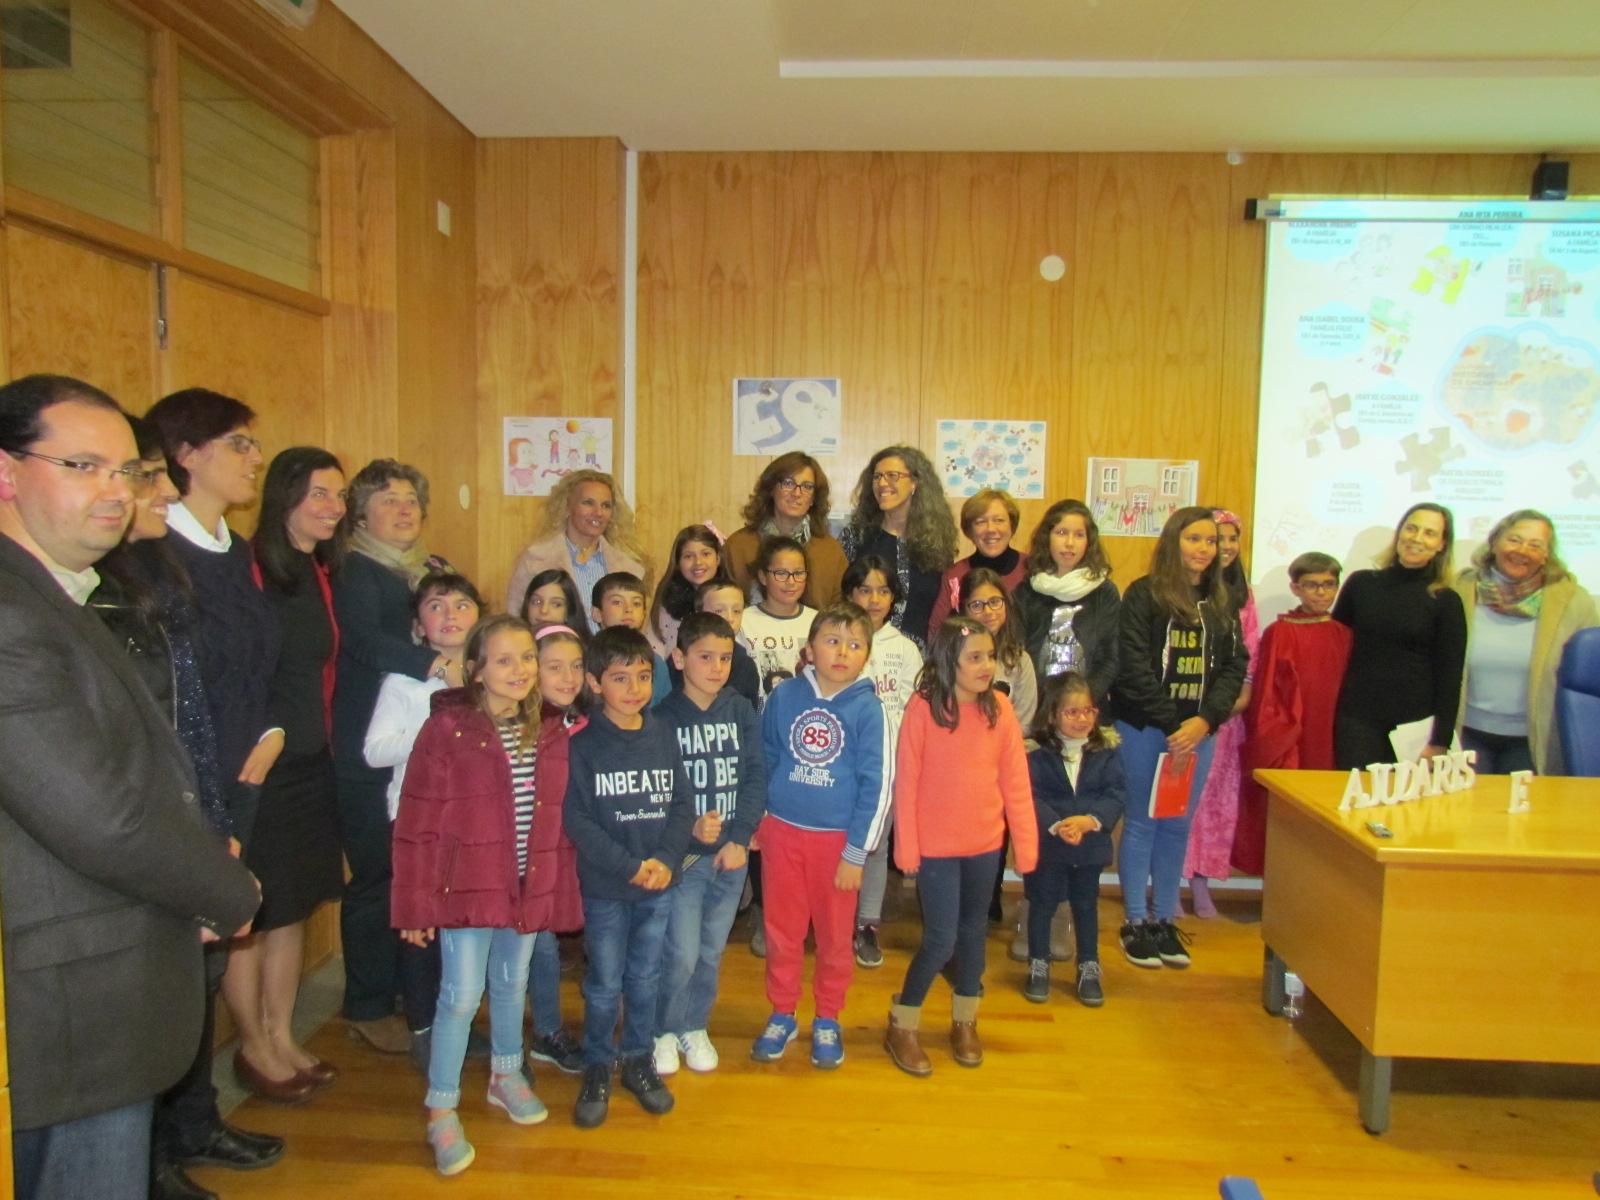 """Agrupamento de Escolas de Arganil participa no livro """"Ajudaris 17 – Histórias de Encantar"""""""